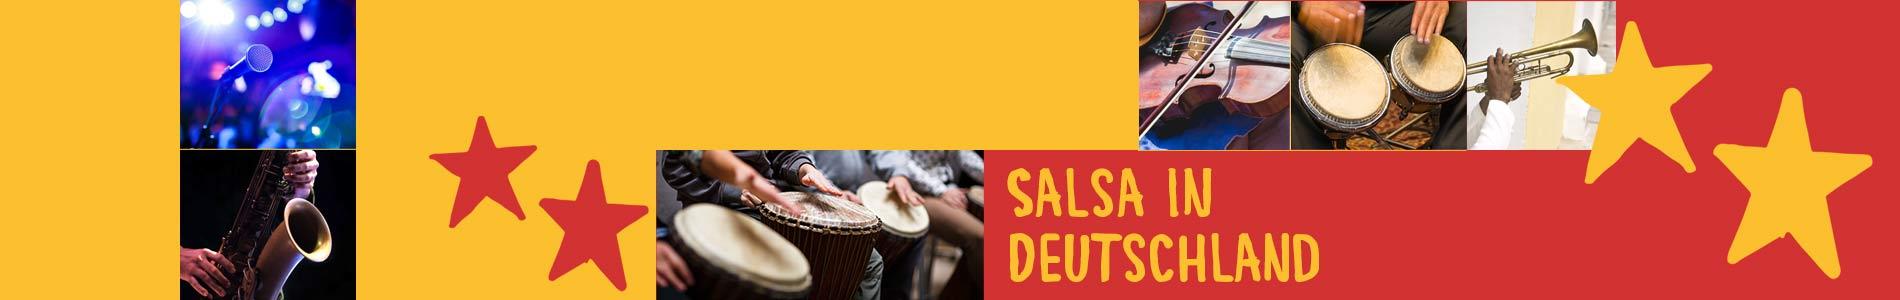 Salsa in Dentlein am Forst – Salsa lernen und tanzen, Tanzkurse, Partys, Veranstaltungen